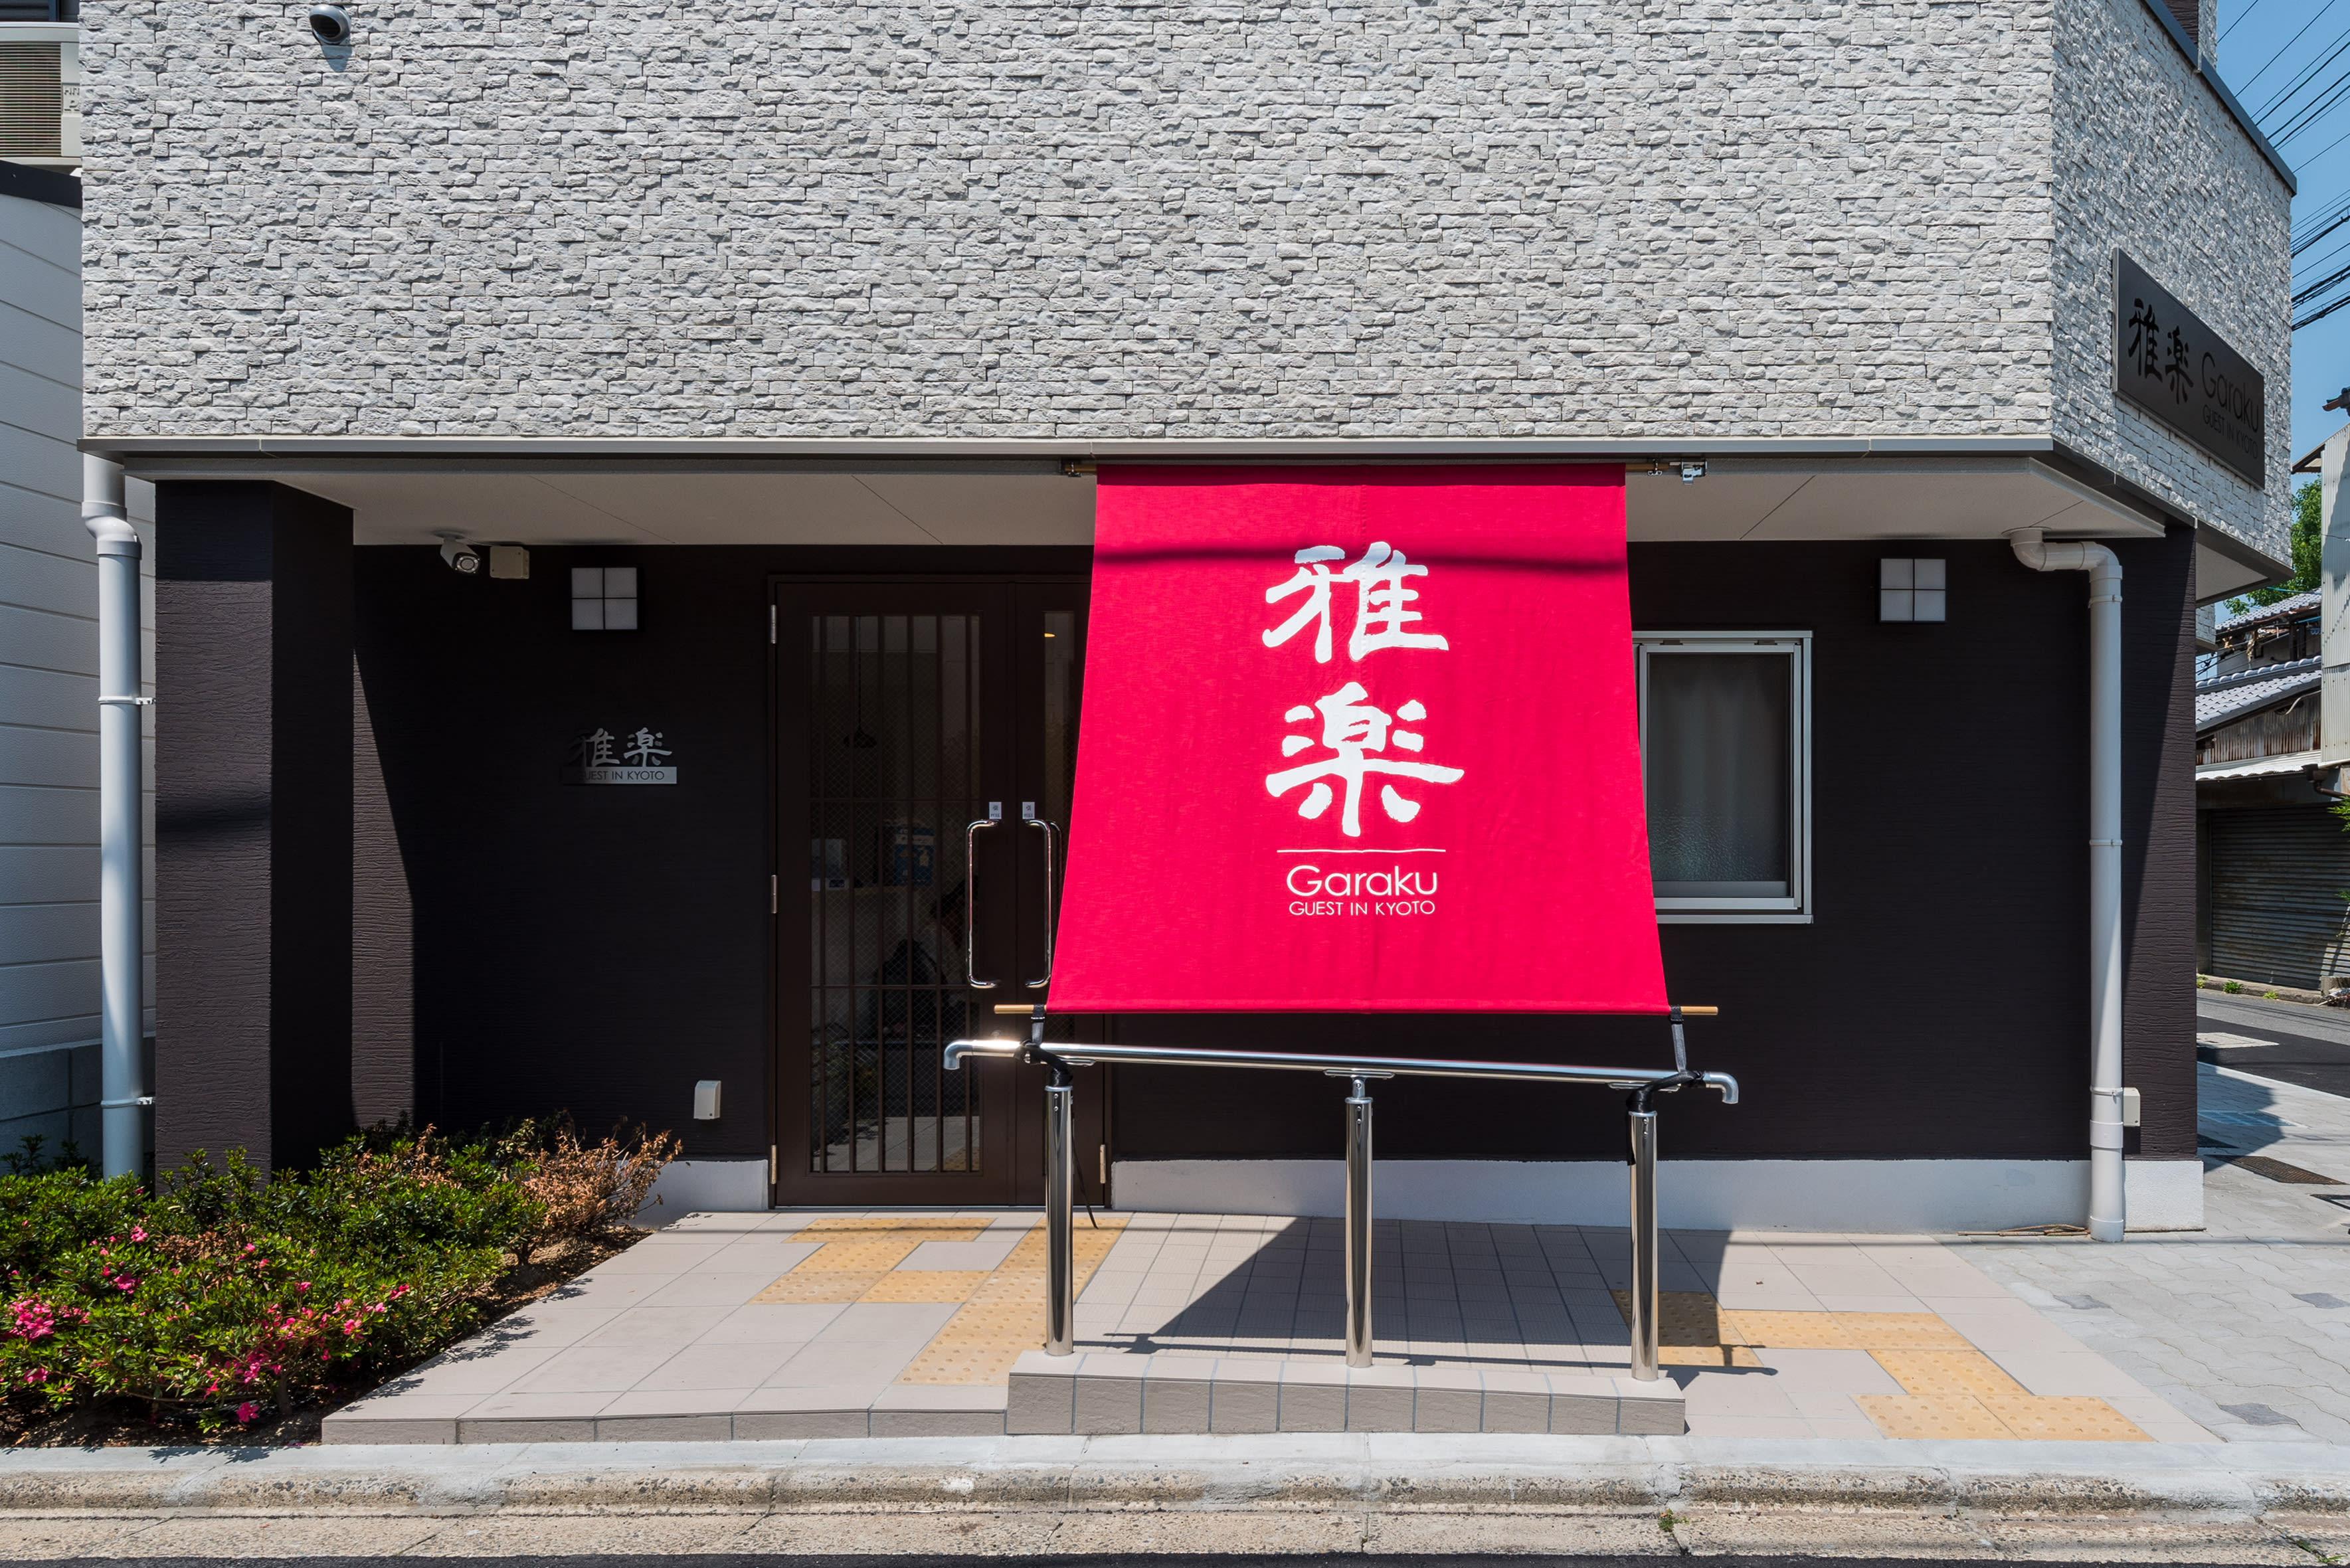 HOSTEL - Guest Inn Kyoto Garaku